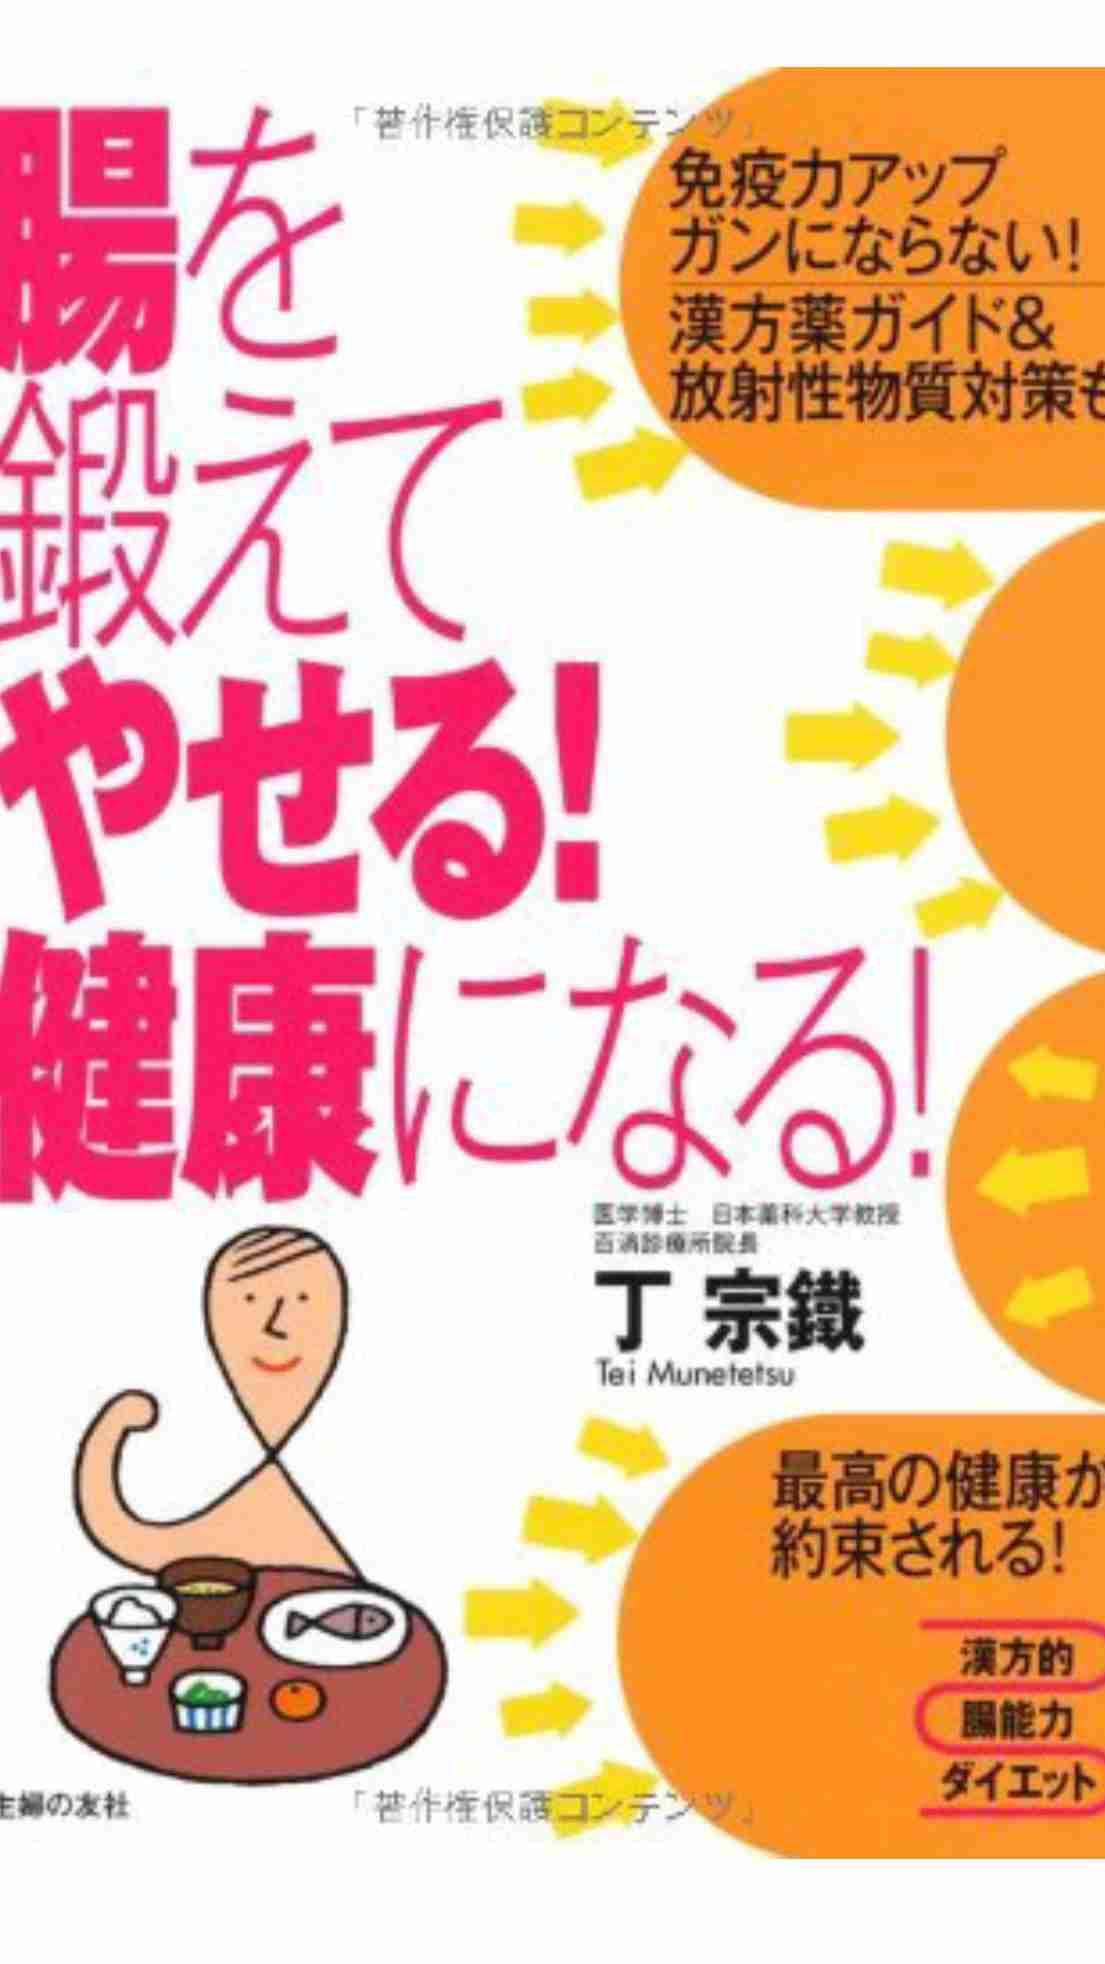 【効果】腸内環境改善